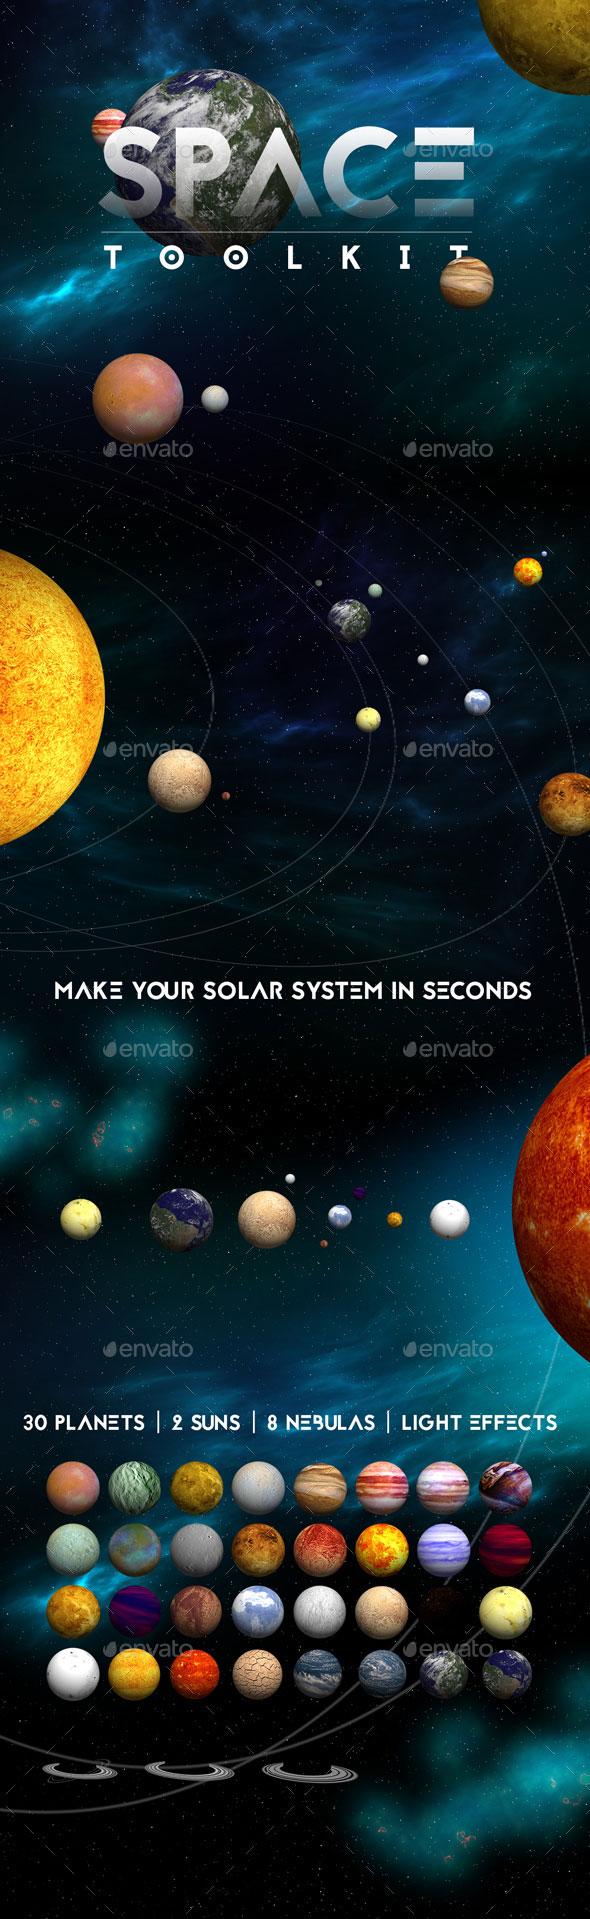 太阳系各种行星